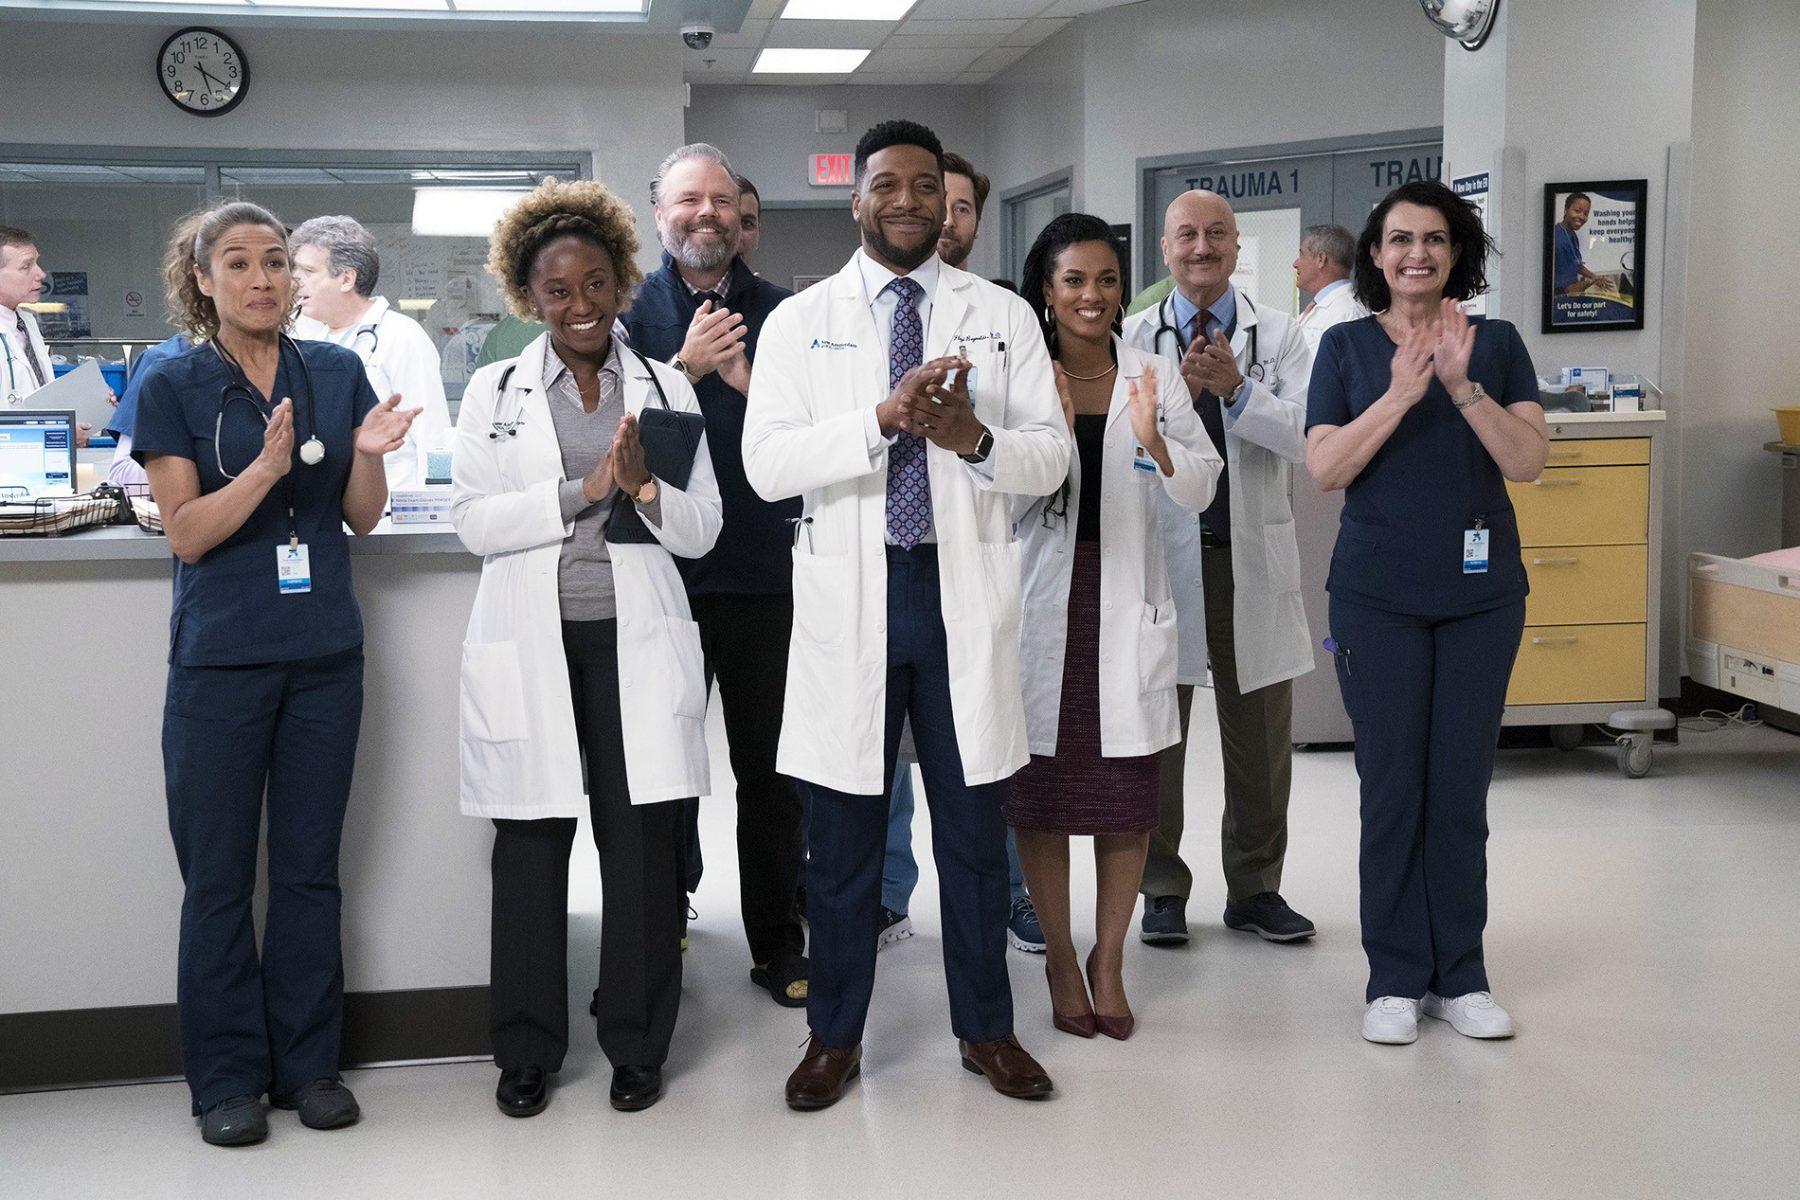 Série médica ganha exibição diária na TV